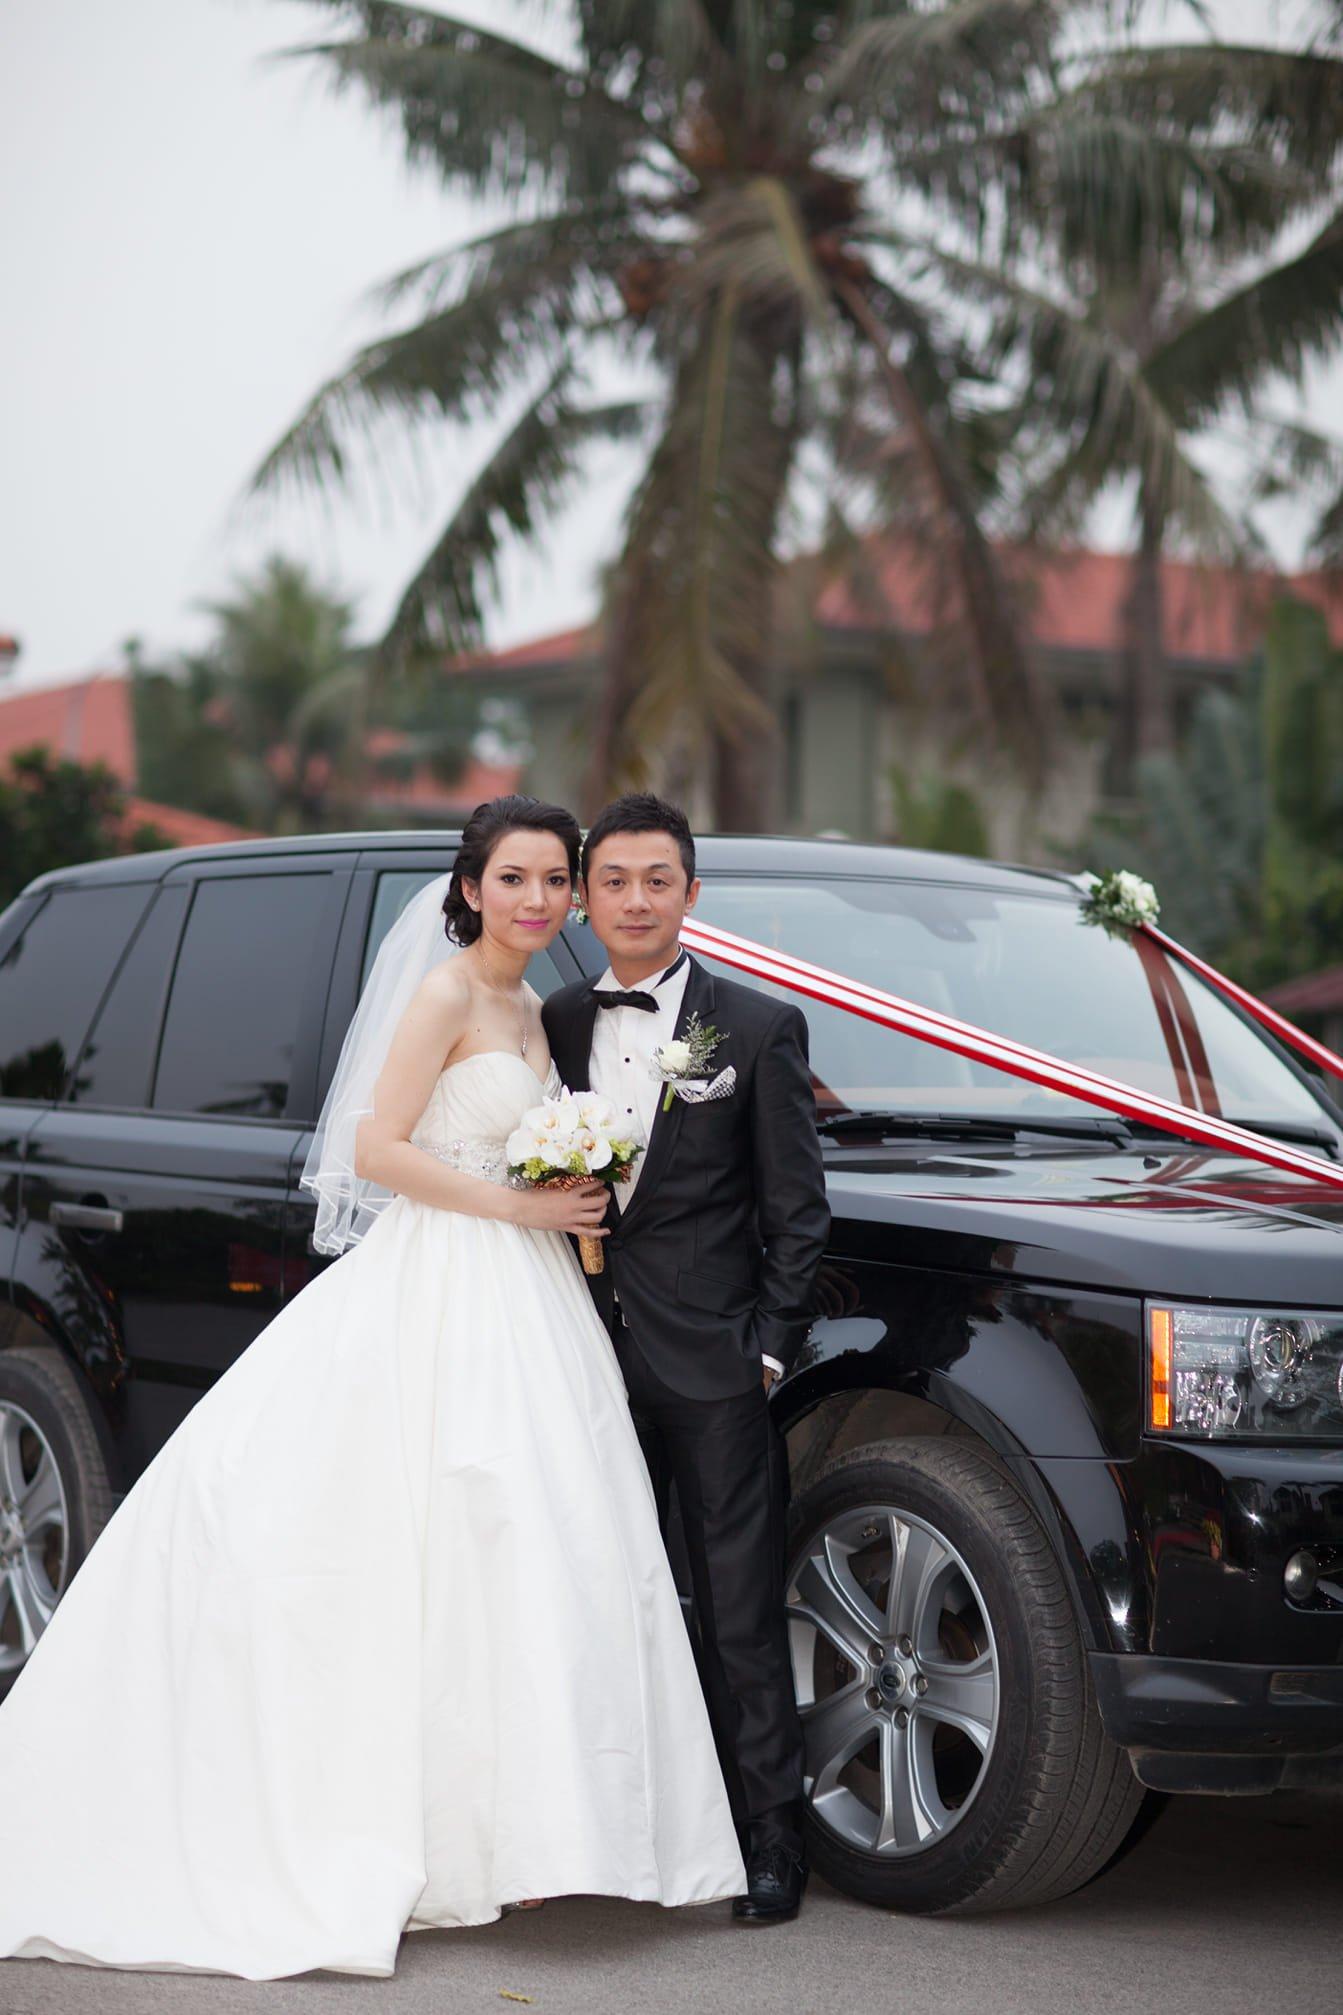 Anh Tuấn - MC ăn ý với Diễm Quỳnh ở VTV 'hack tuổi' đỉnh cao ở U50, kín tiếng trong 2 cuộc hôn nhân 12